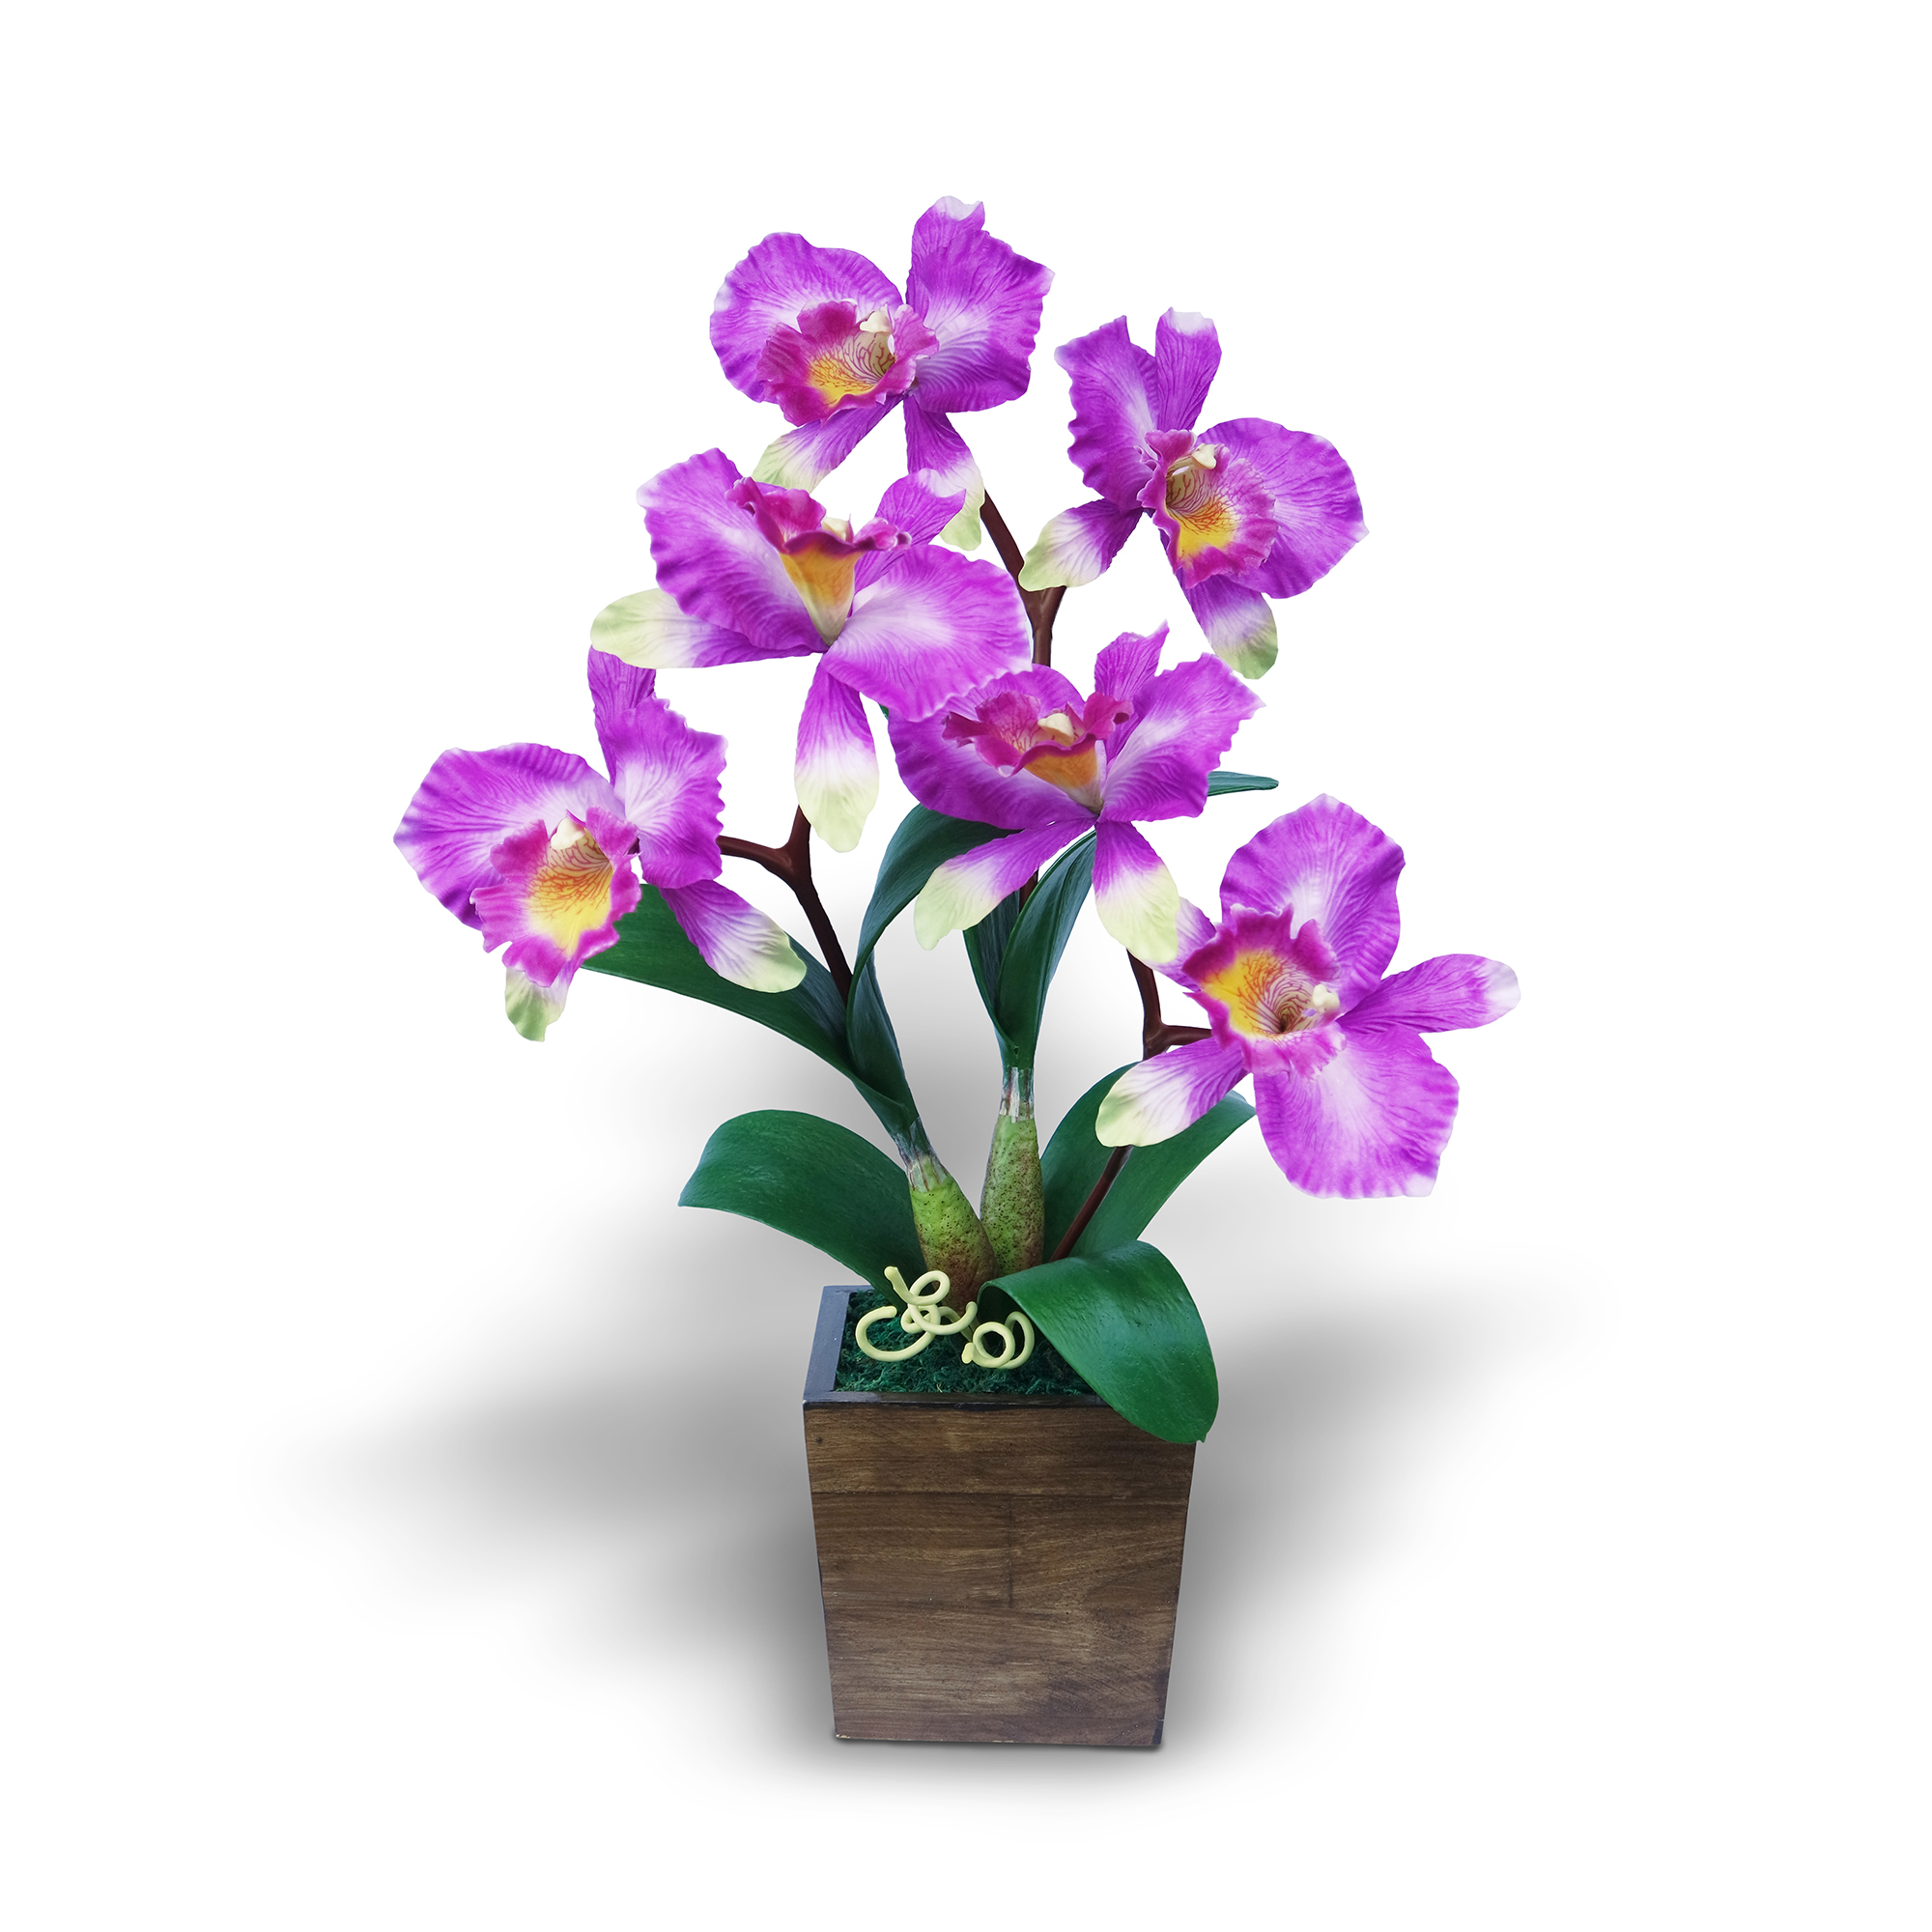 แจกันดอกไม้ประดิษฐ์ แคทลียา Cattleya สีออร์คิท ในแจกันไม้จริงสีโอ๊ค